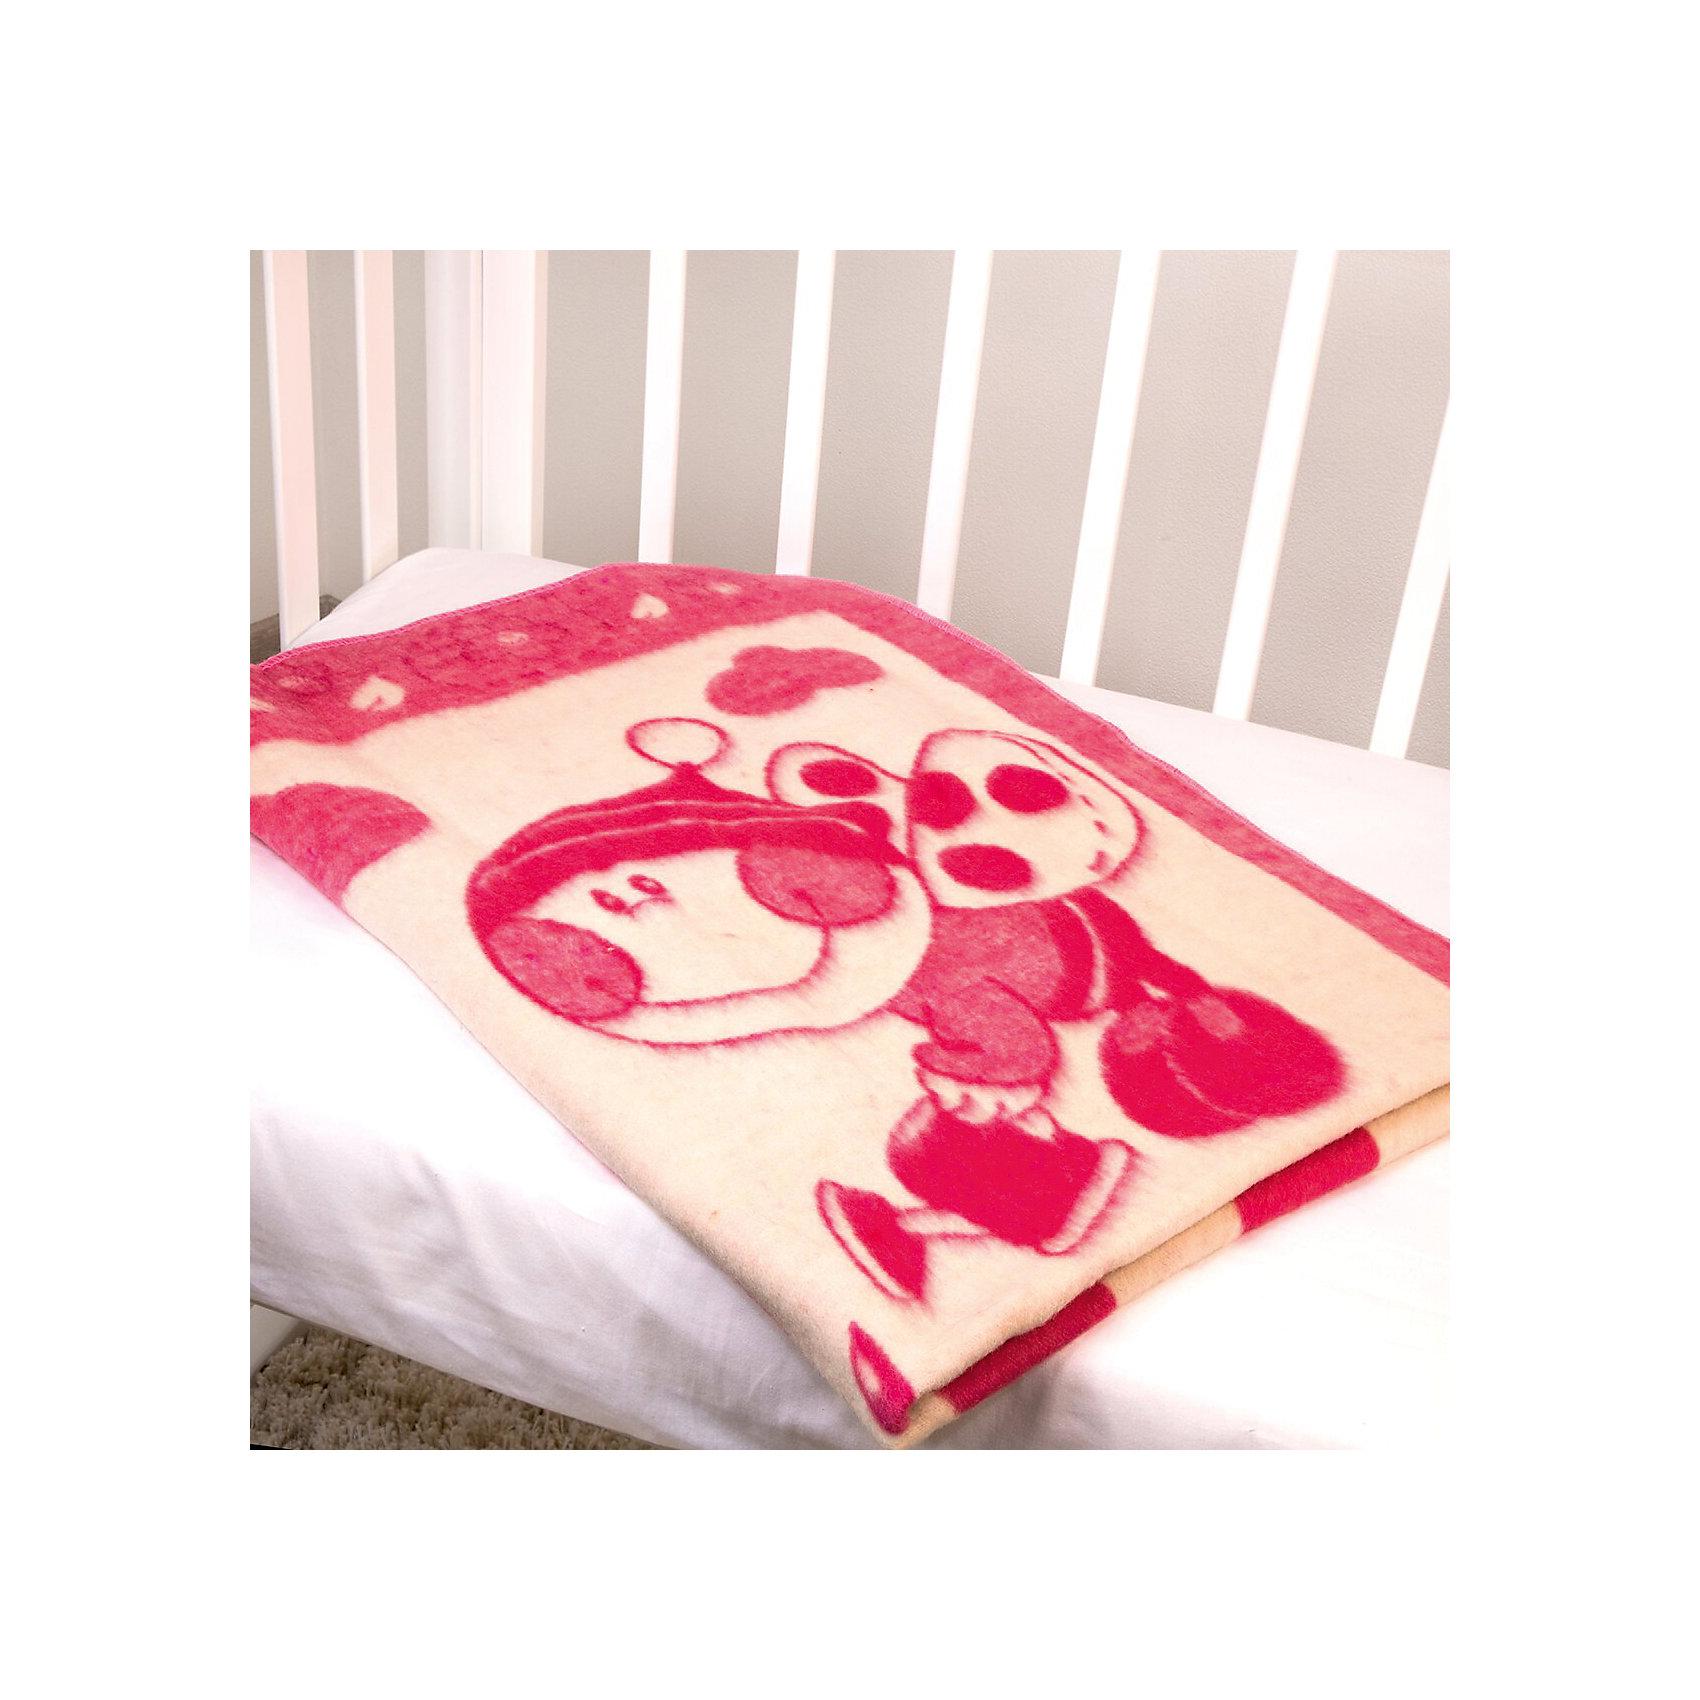 Одеяло байковое Букашки, 100х140, Baby Nice, розовыйОдеяла, пледы<br>Предметы, находящиеся в детской кроватке, должны быть качественными и безопасными. Это одеяло разработано специально для малышей, оно обеспечивает комфорт на всю ночь. Одеяло украшено симпатичным принтом.<br>Одеяло сшито из натурального дышащего хлопка, приятного на ощупь. Он не вызывает аллергии, что особенно важно для малышей. Оно обеспечит хорошую терморегуляцию, а значит - крепкий сон. Одеяло сделано из высококачественных материалов, безопасных для ребенка.<br><br>Дополнительная информация:<br><br>цвет: розовый;<br>материал: хлопок, жаккард;<br>принт;<br>размер: 100 х 140 см.<br><br>Одеяло байковое Букашки, 100х140 от компании Baby Nice можно купить в нашем магазине.<br><br>Ширина мм: 230<br>Глубина мм: 250<br>Высота мм: 40<br>Вес г: 500<br>Возраст от месяцев: 0<br>Возраст до месяцев: 36<br>Пол: Унисекс<br>Возраст: Детский<br>SKU: 4941749